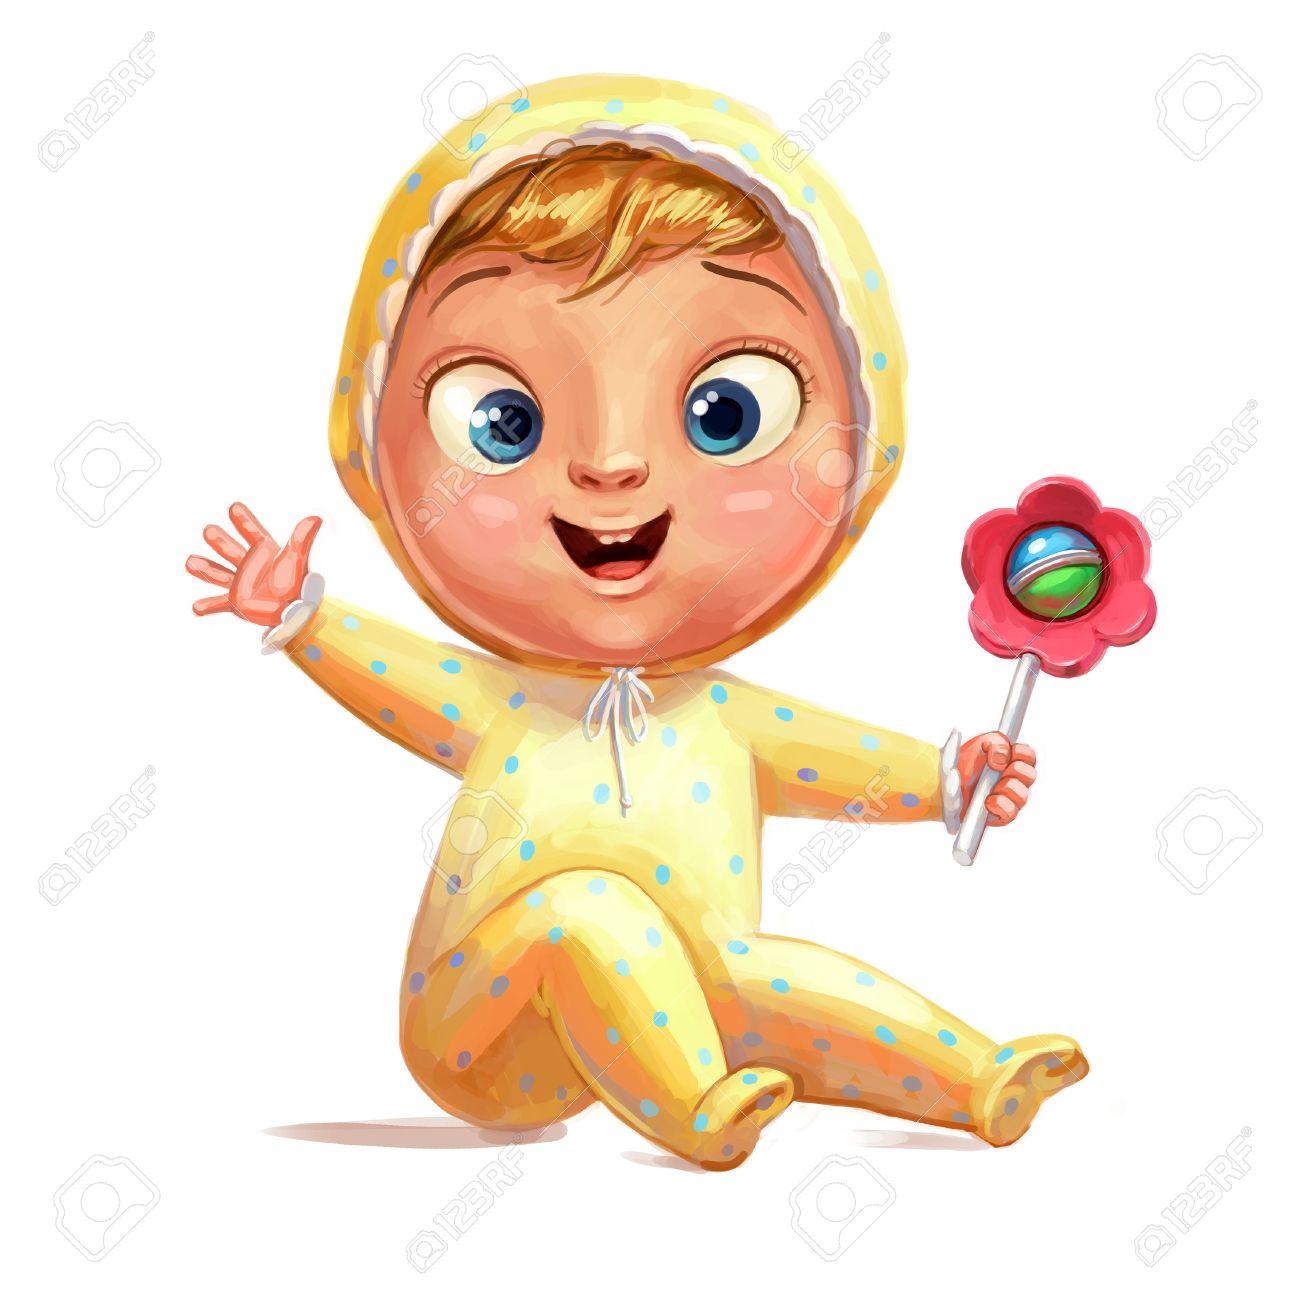 Bébé Drôle Avec Un Hochet Félicitations Pour La Naissance D Un Enfant Personnage De Dessin Animé Drôle Isolé Sur Fond Blanc